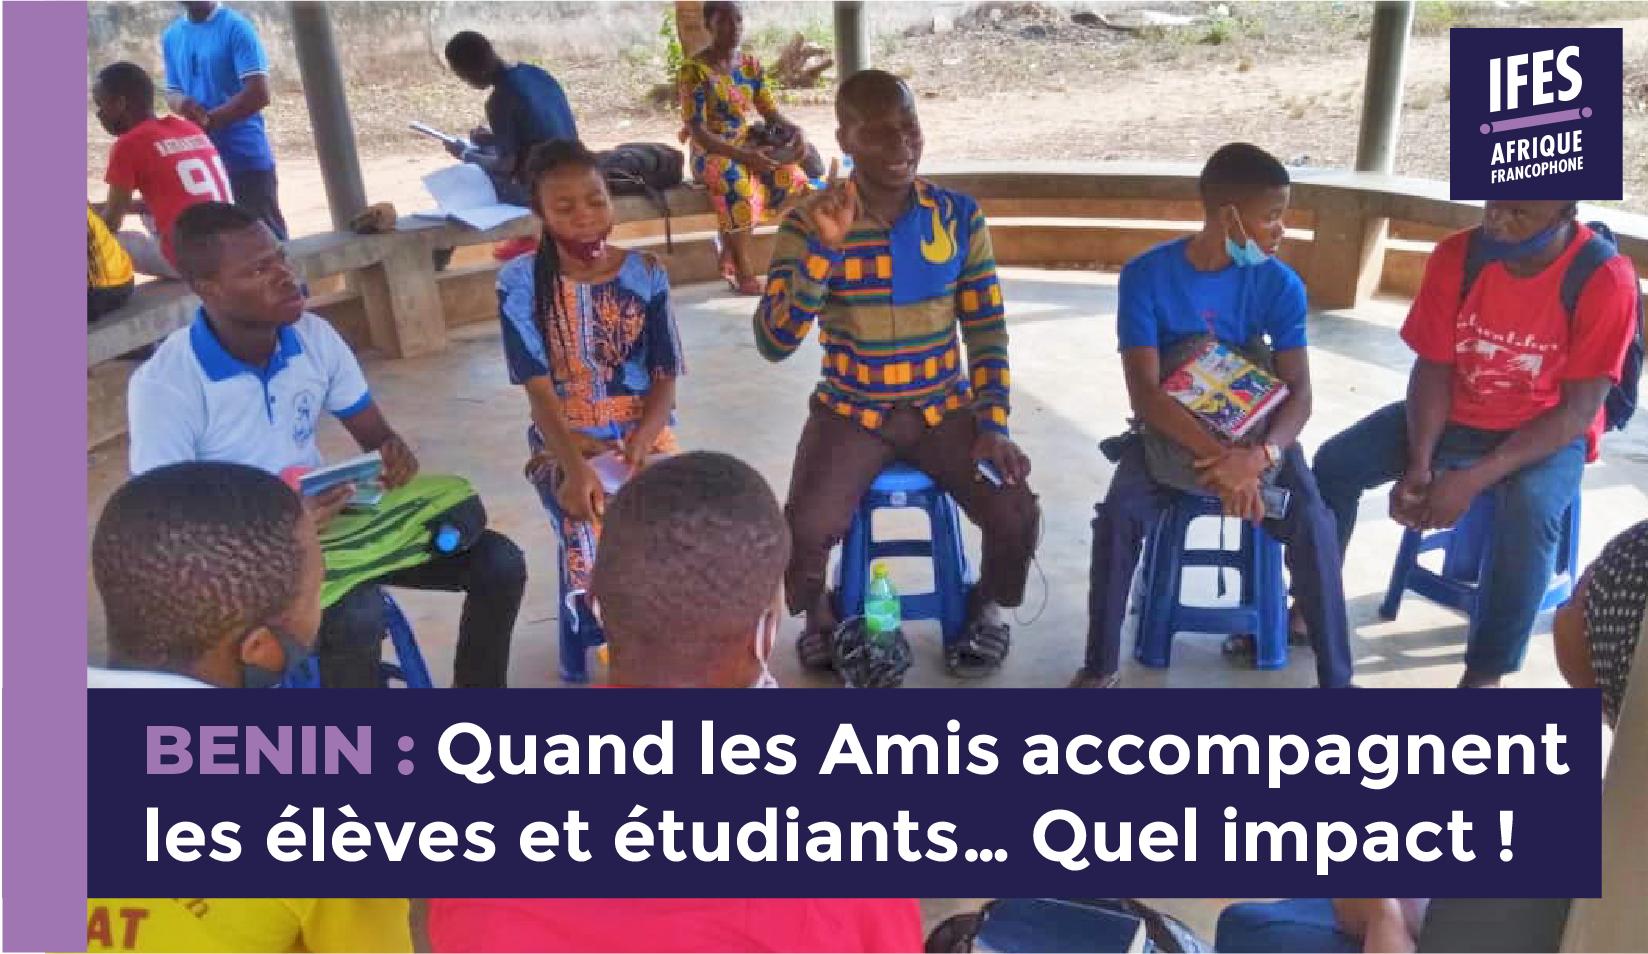 Quand les Amis accompagnent les élèves et étudiants… Quel impact !